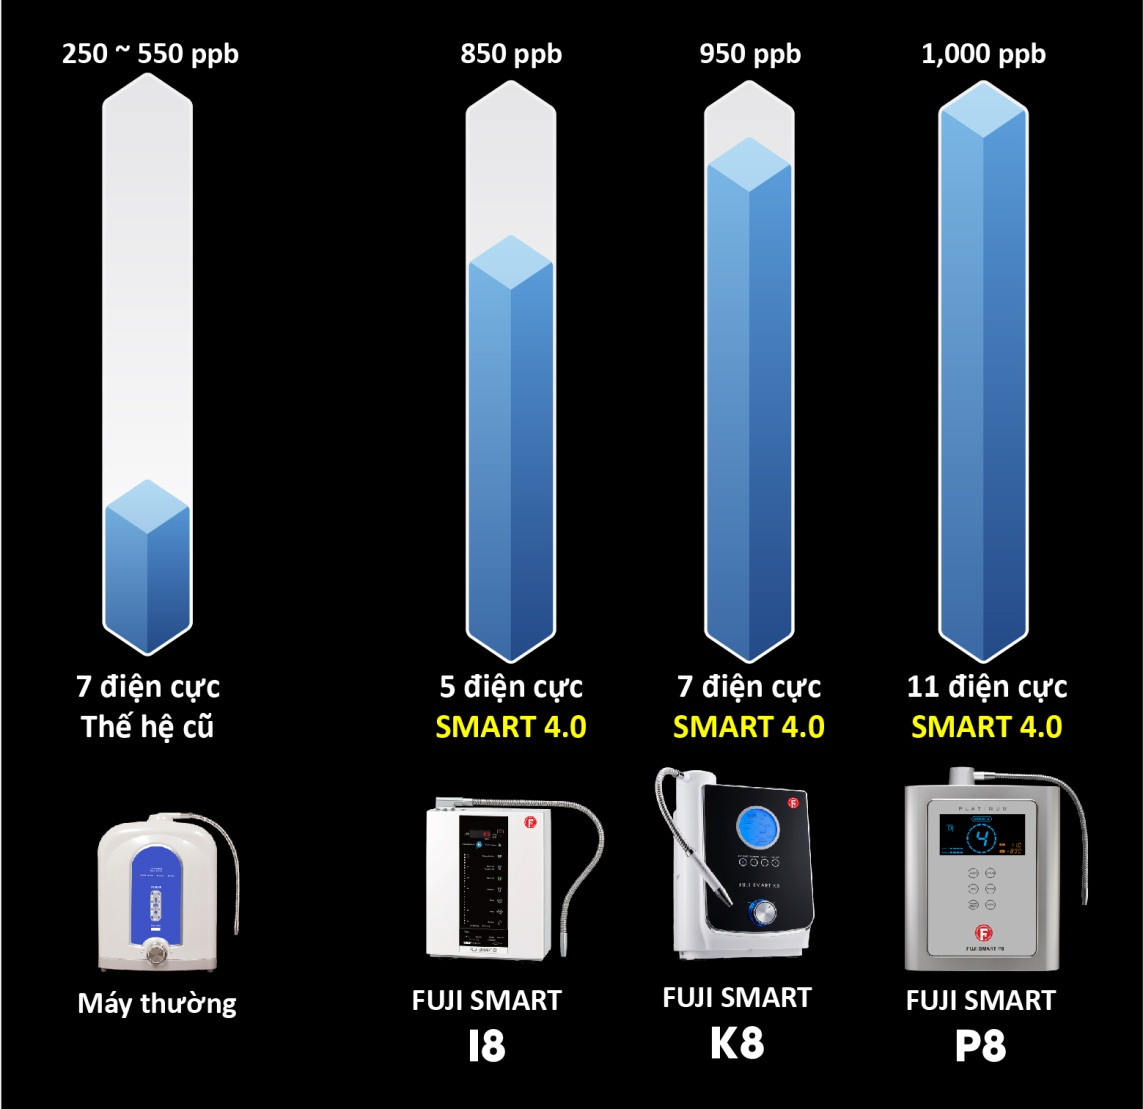 Mua máy lọc nước ion kiềm giàu hydro Fuji Smart chính hãng tại Việt Nam - Ảnh 2